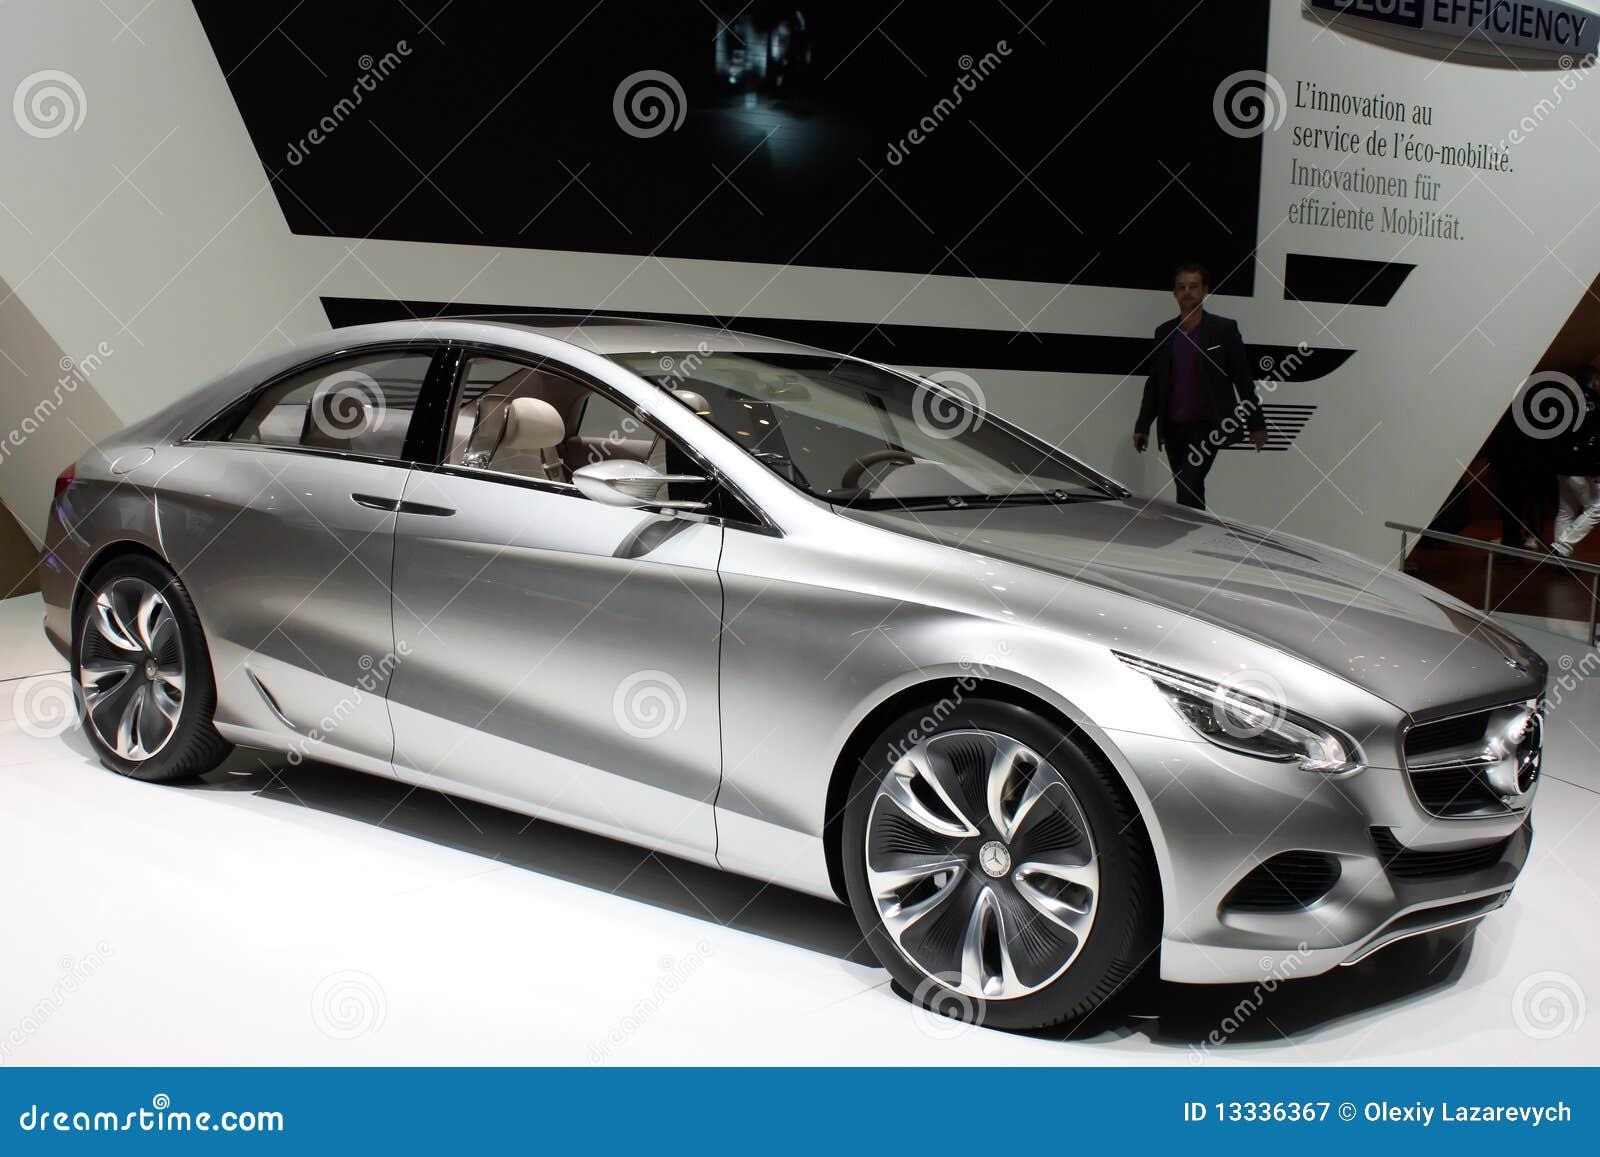 2010 f800 Geneva Mercedes motorowego przedstawienie styl